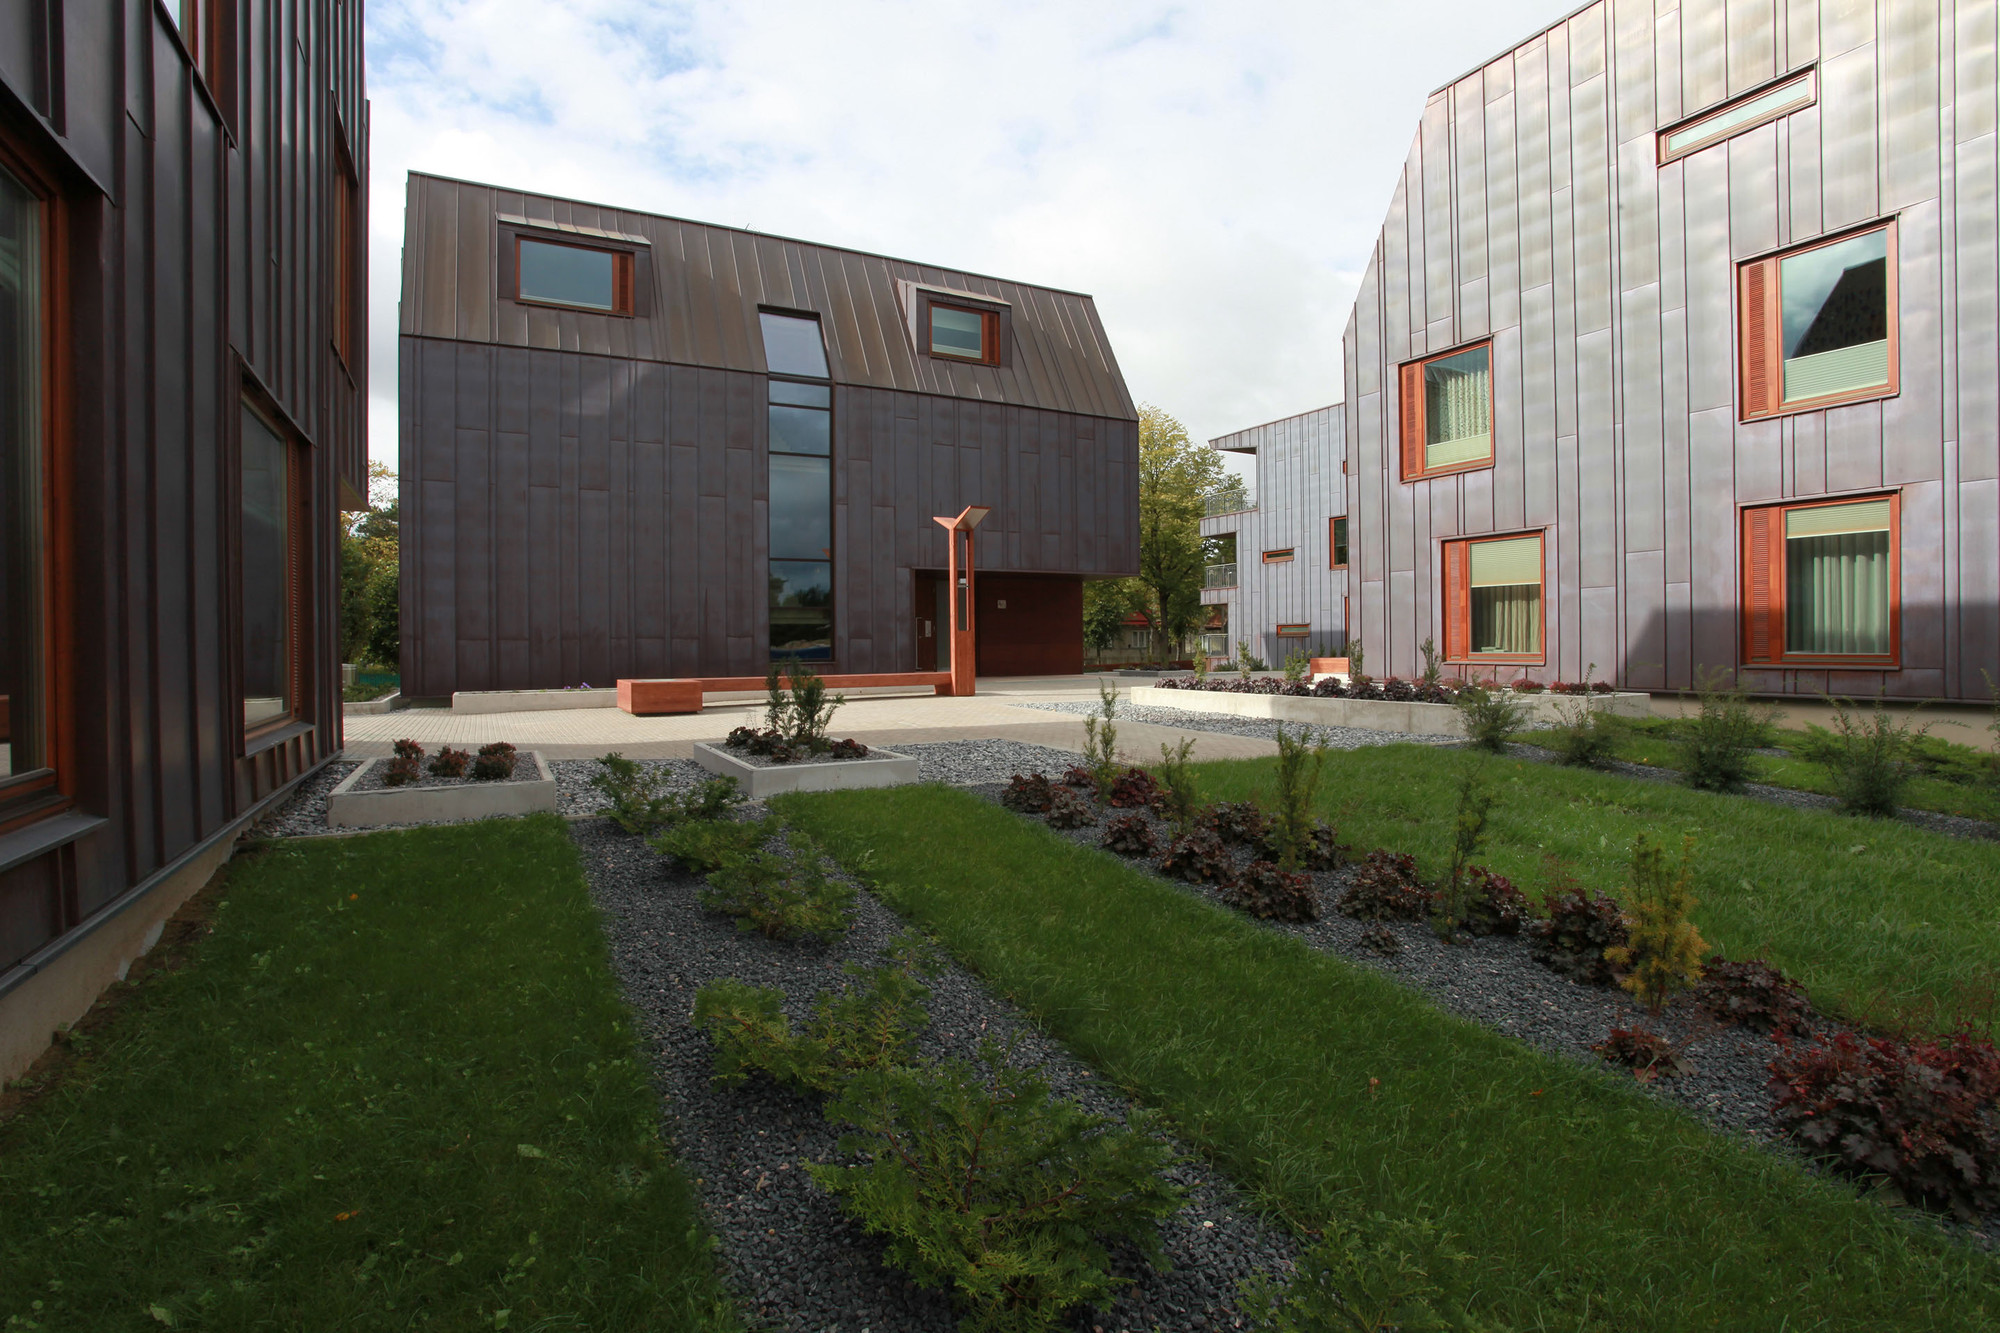 Hiiu Lõvi (HIIU) / Alver Arhitektid, Courtesy of Alver Arhitektid